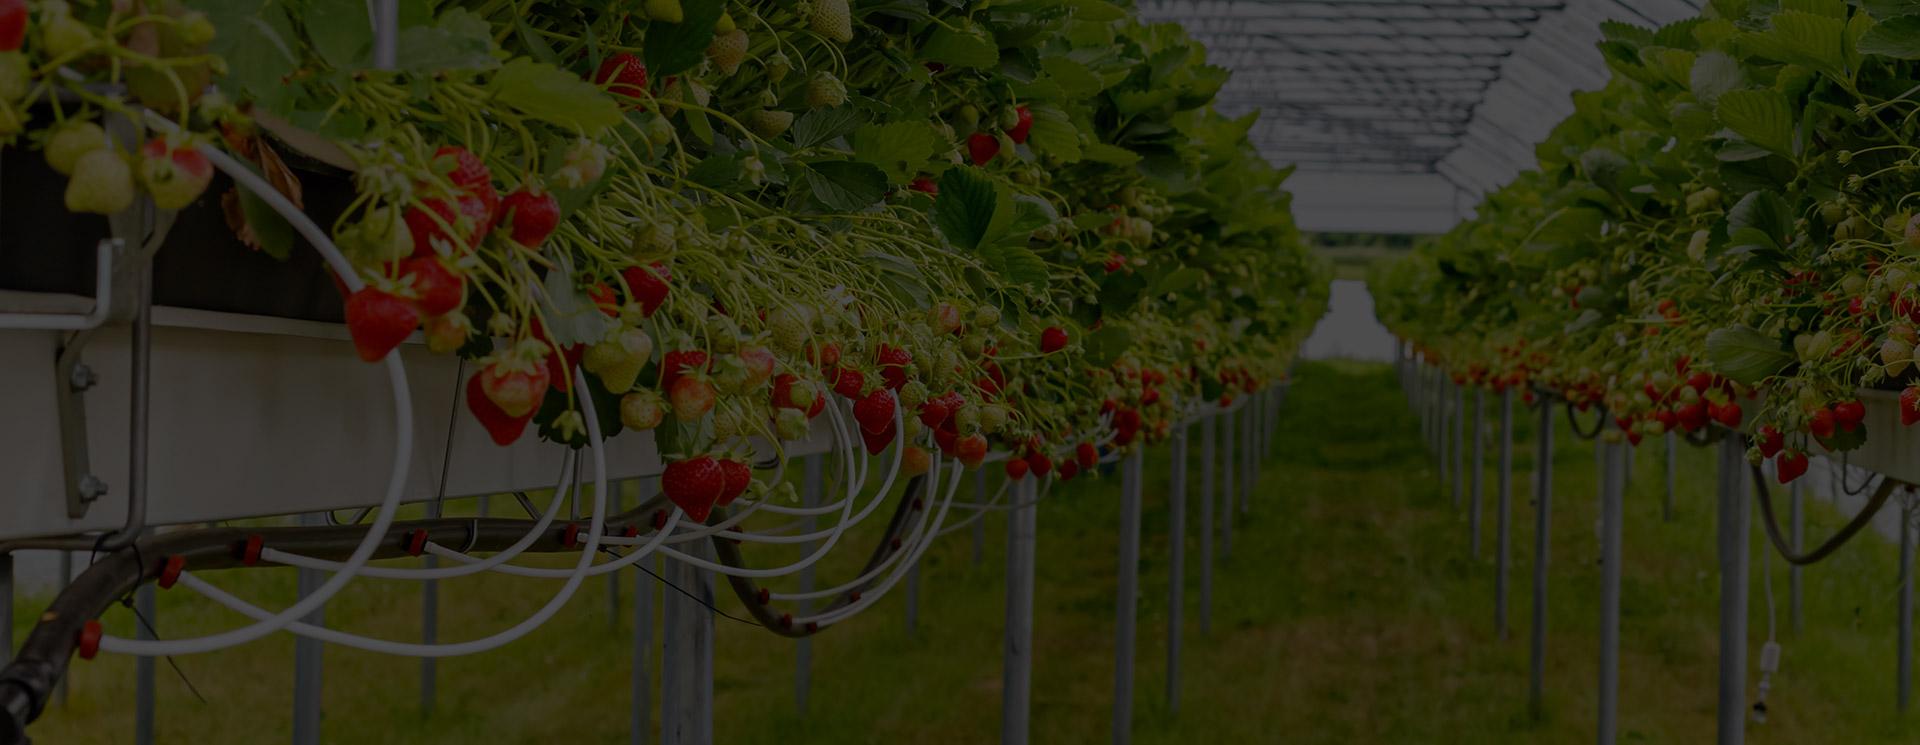 Agricoltura 4.0 - automazione